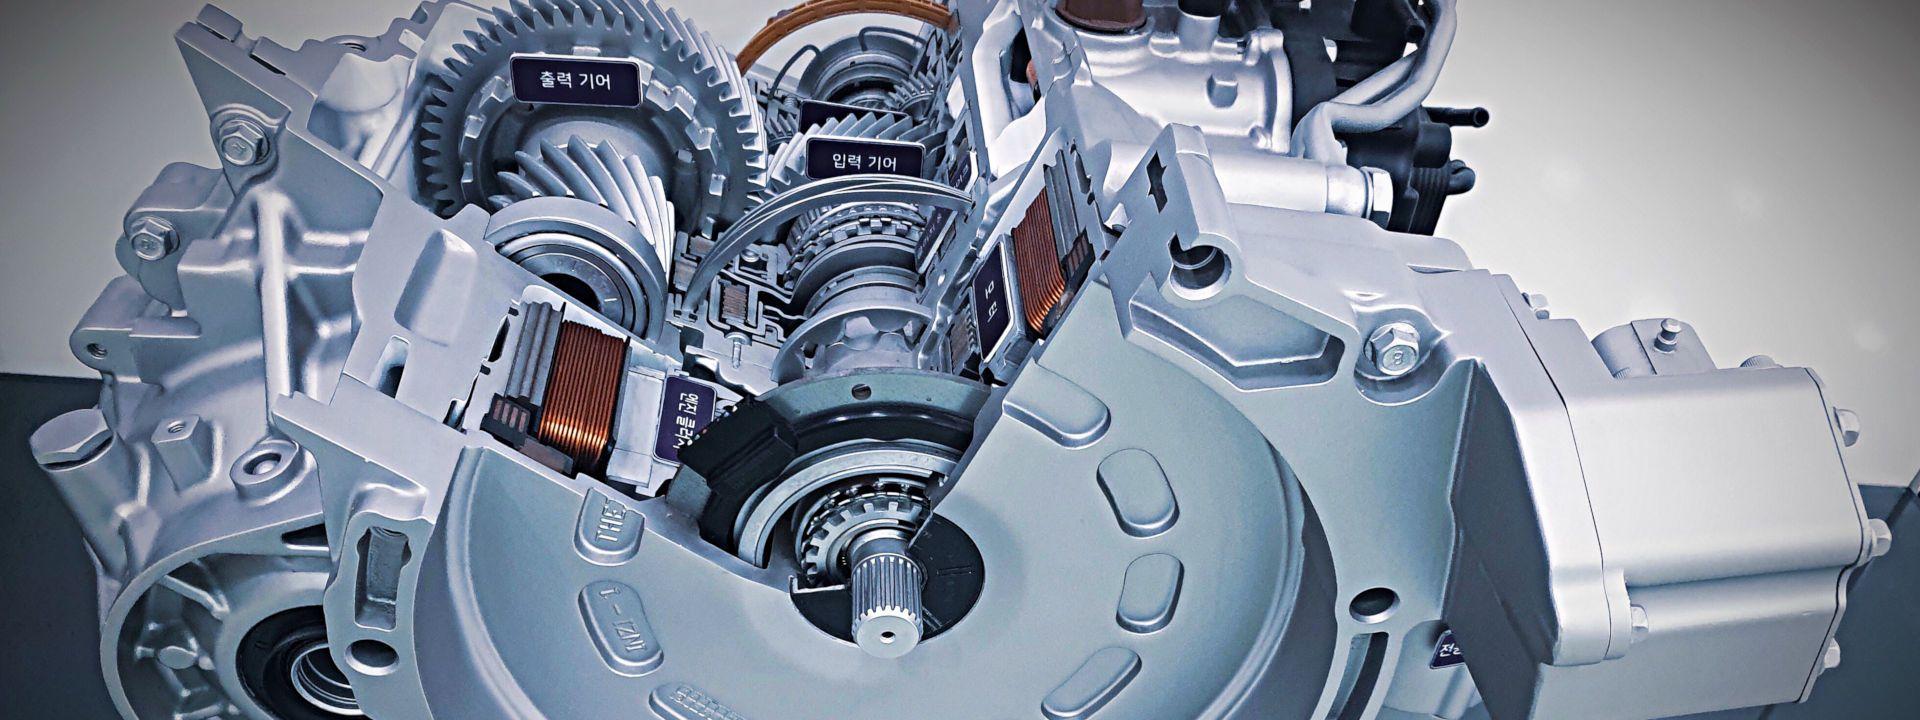 HMG desarrolla el primer Control Activo de cambios para Híbridos